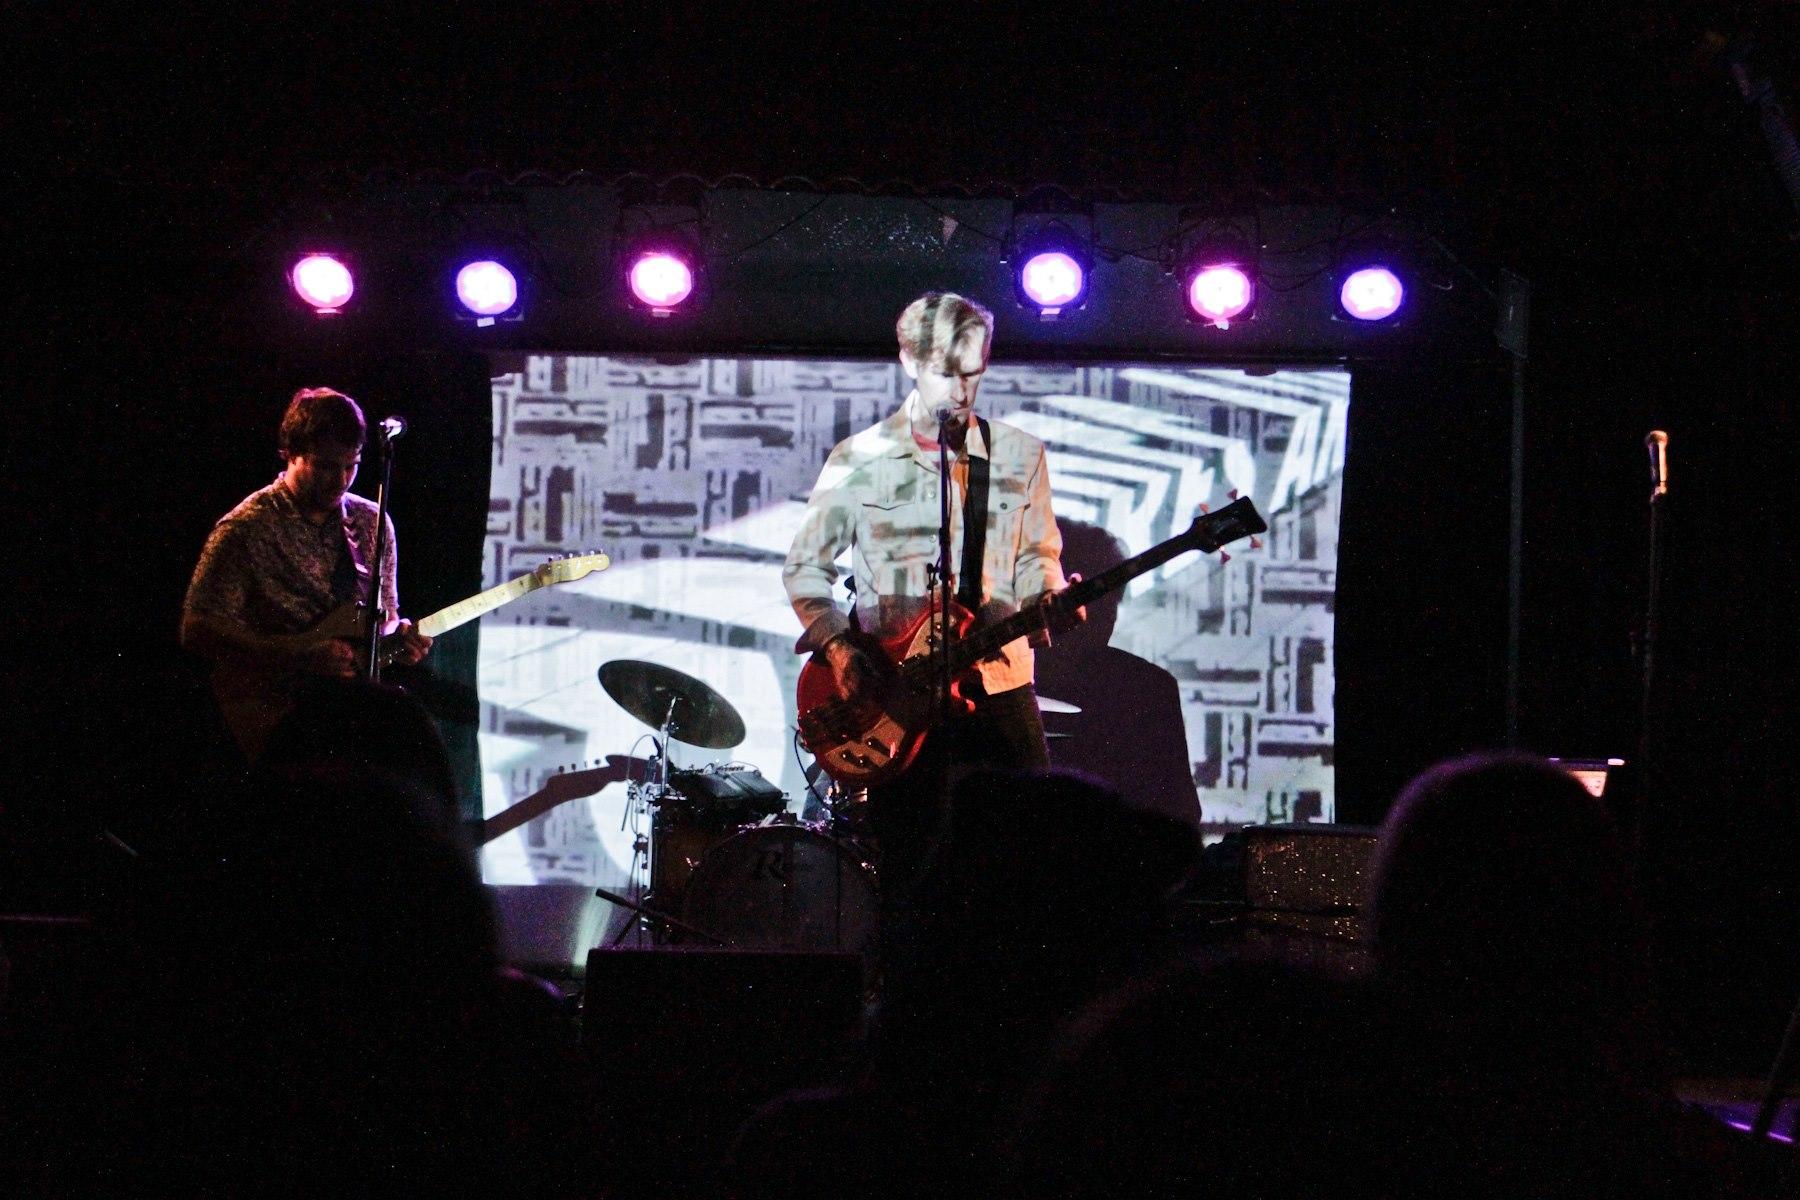 Live at El Cid in Los Angeles